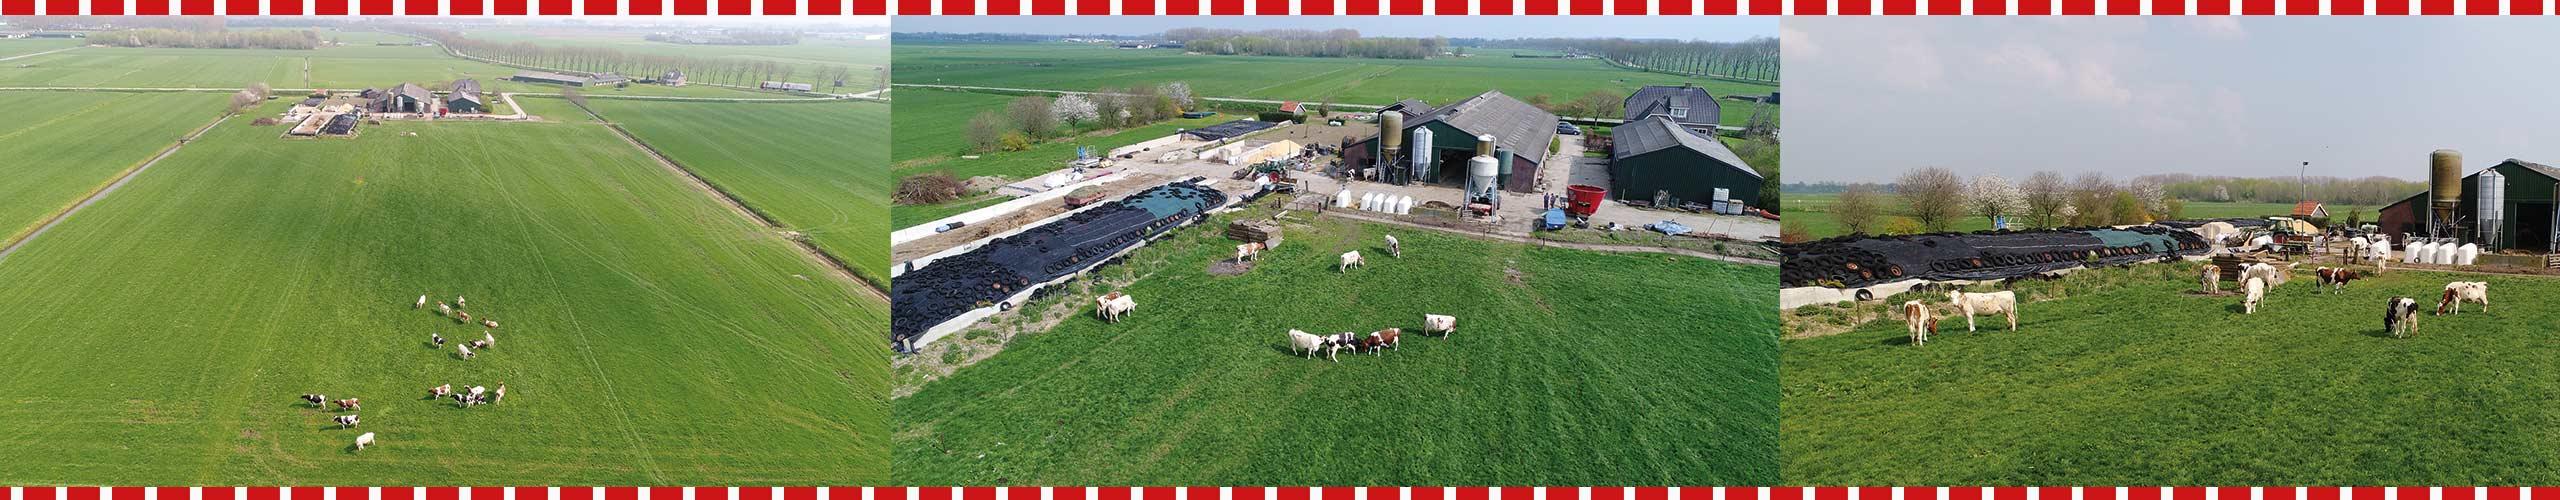 De Weidegang - IJsboerderij De Schoonheuvel - Hedel